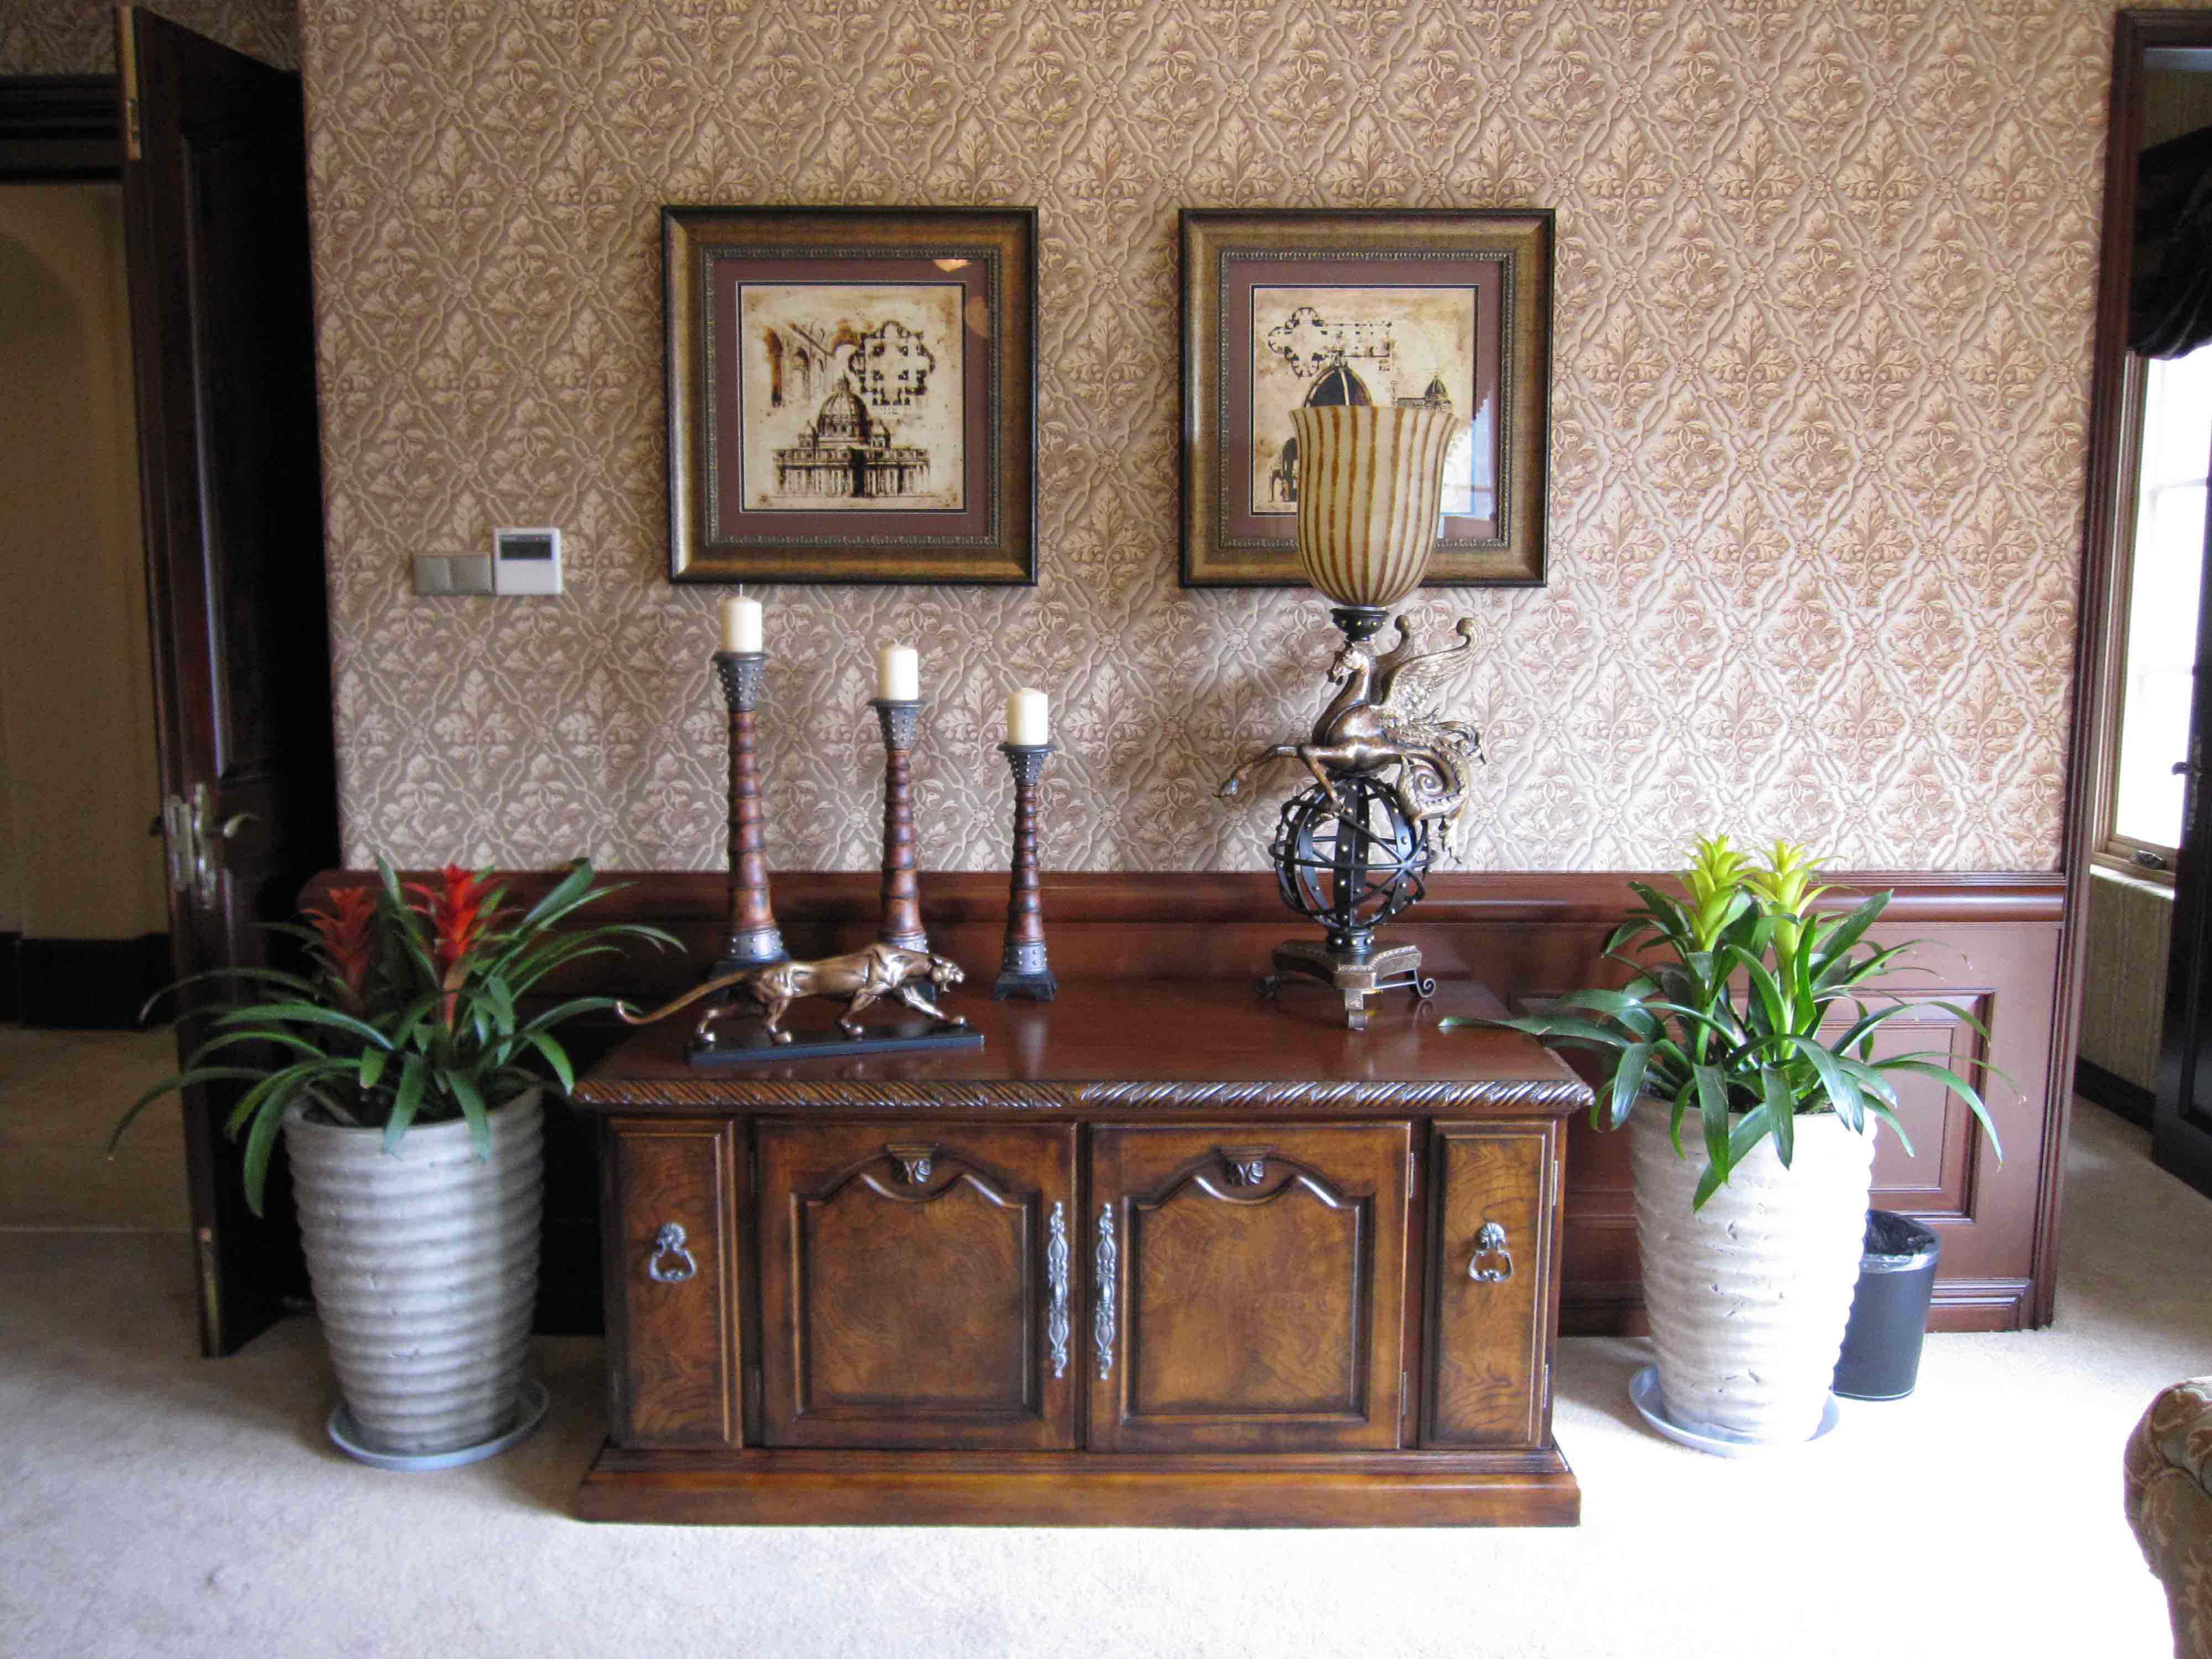 古典建筑装饰画结合饰有繁复欧式纹样金属把手的柜子